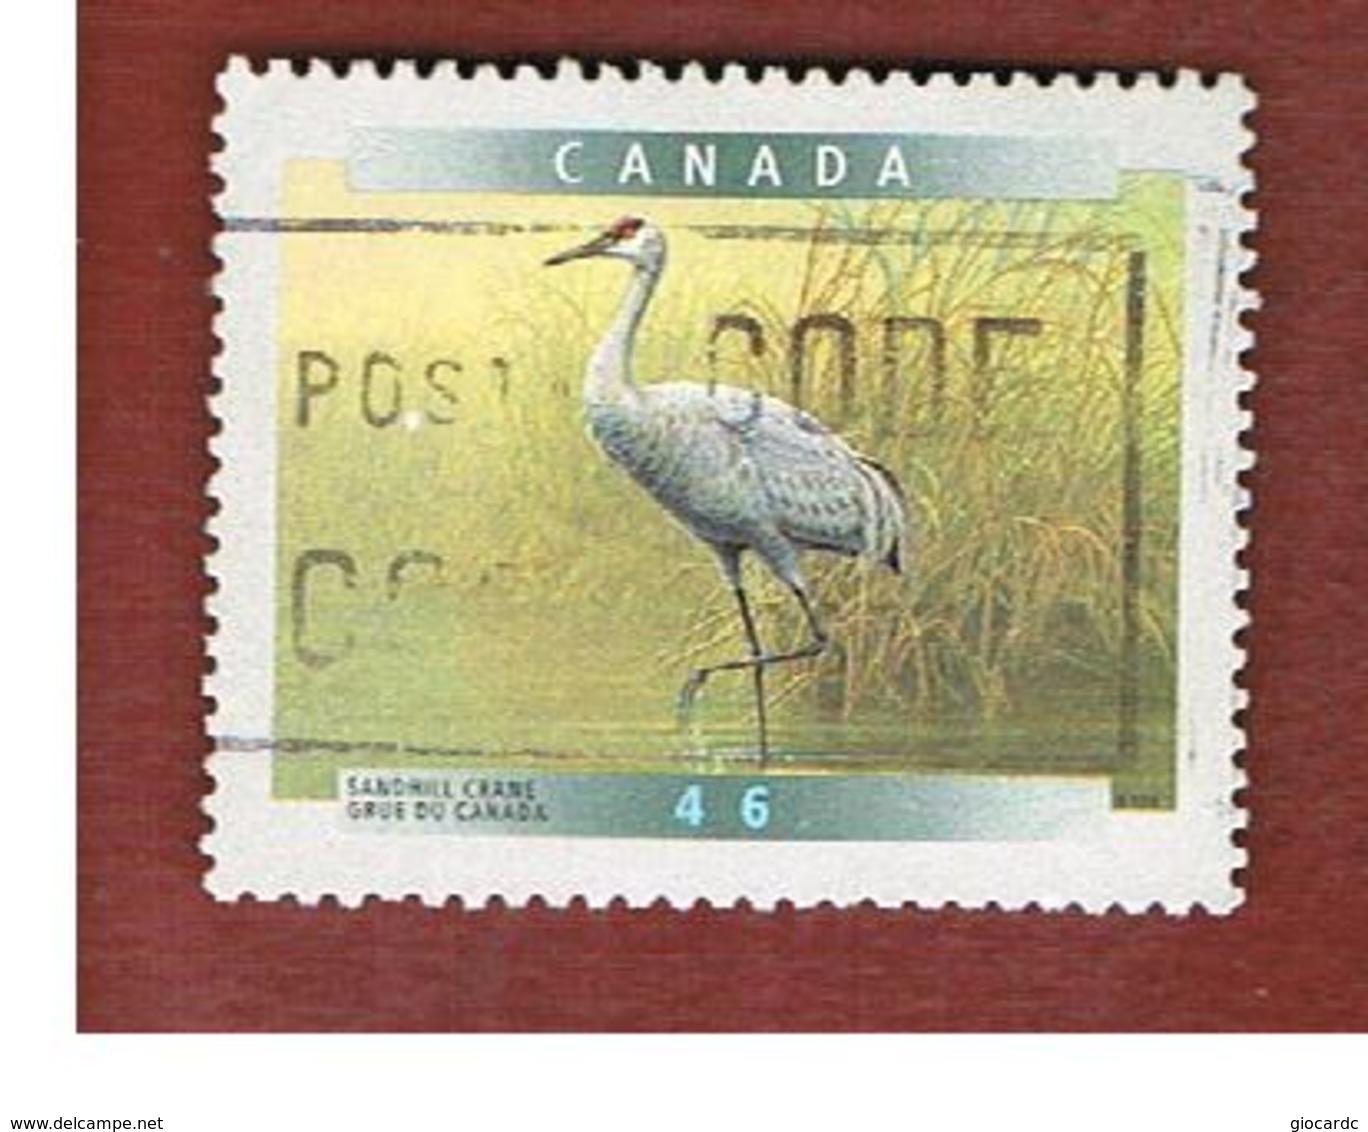 CANADA   -  SG 1868  -  1999   CANADIAN BIRDS: SANDHILL CRANE                -      USED - Usati